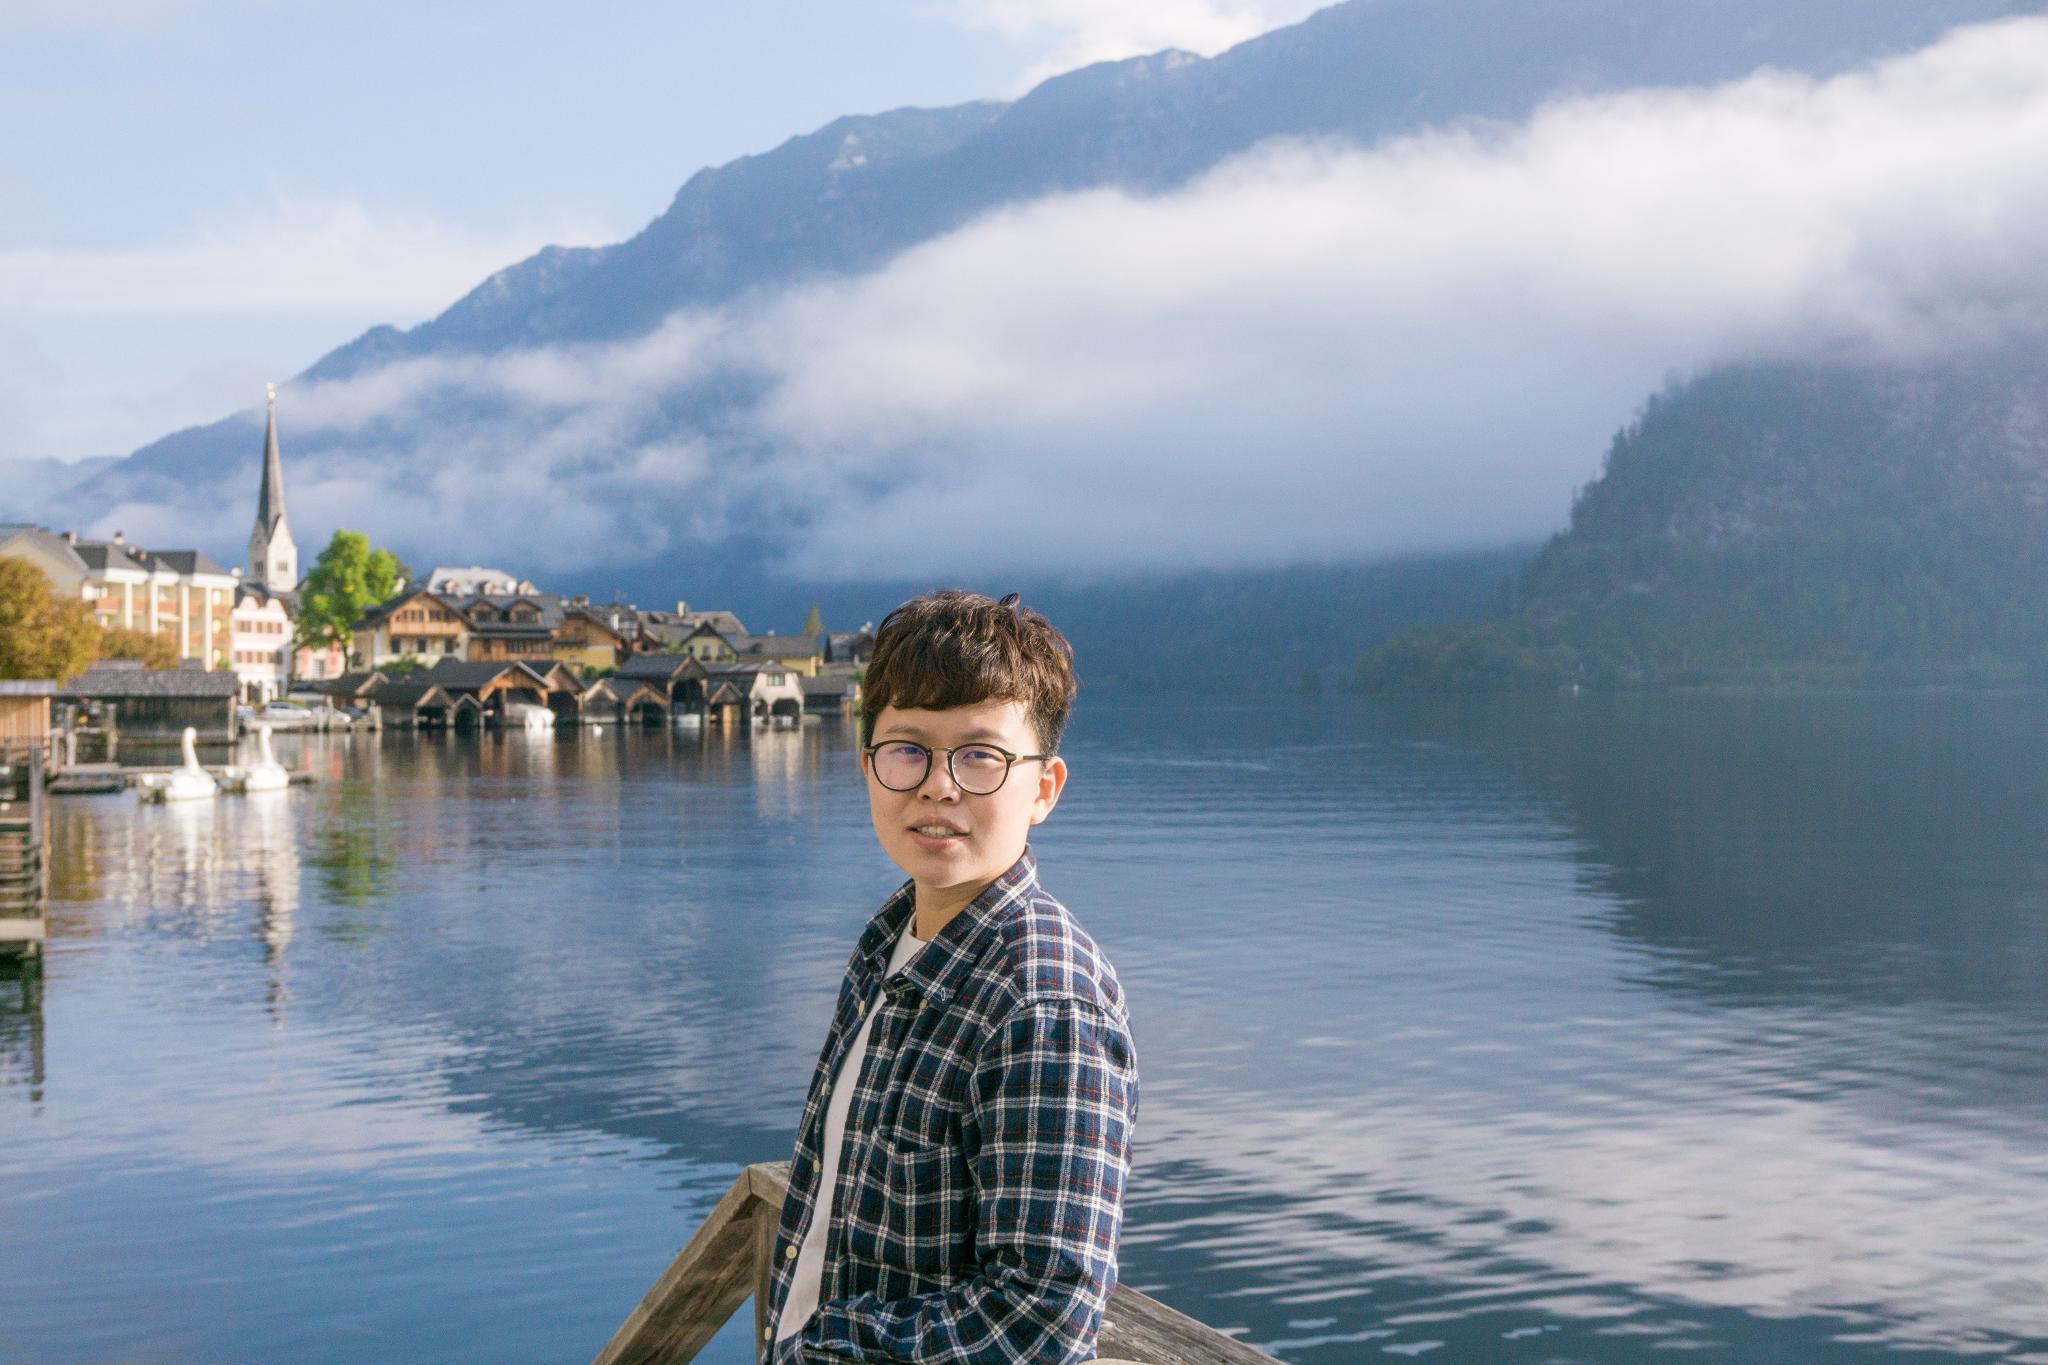 【奧地利】童話仙境 Hallstatt 哈修塔特 — 追逐世界遺產小鎮的夢幻黃金日出 25